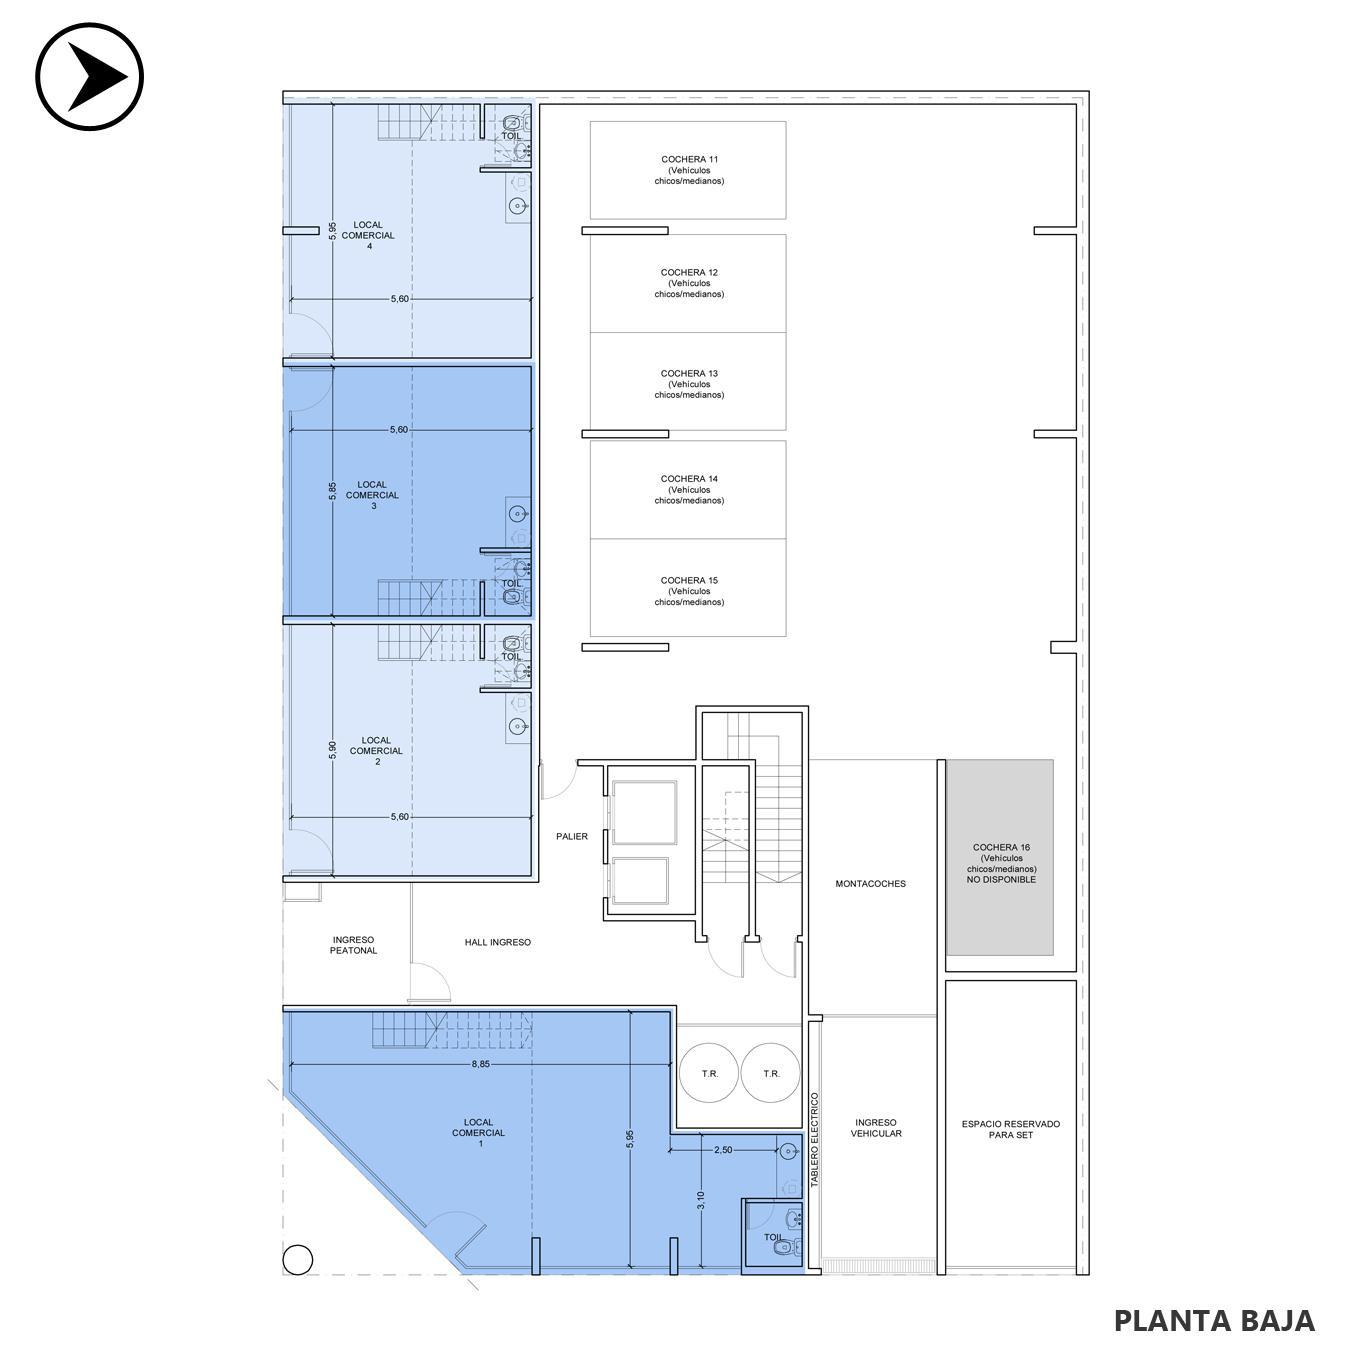 Venta departamento 1 dormitorio Rosario, República De La Sexta. Cod CBU24602 AP2290652. Crestale Propiedades